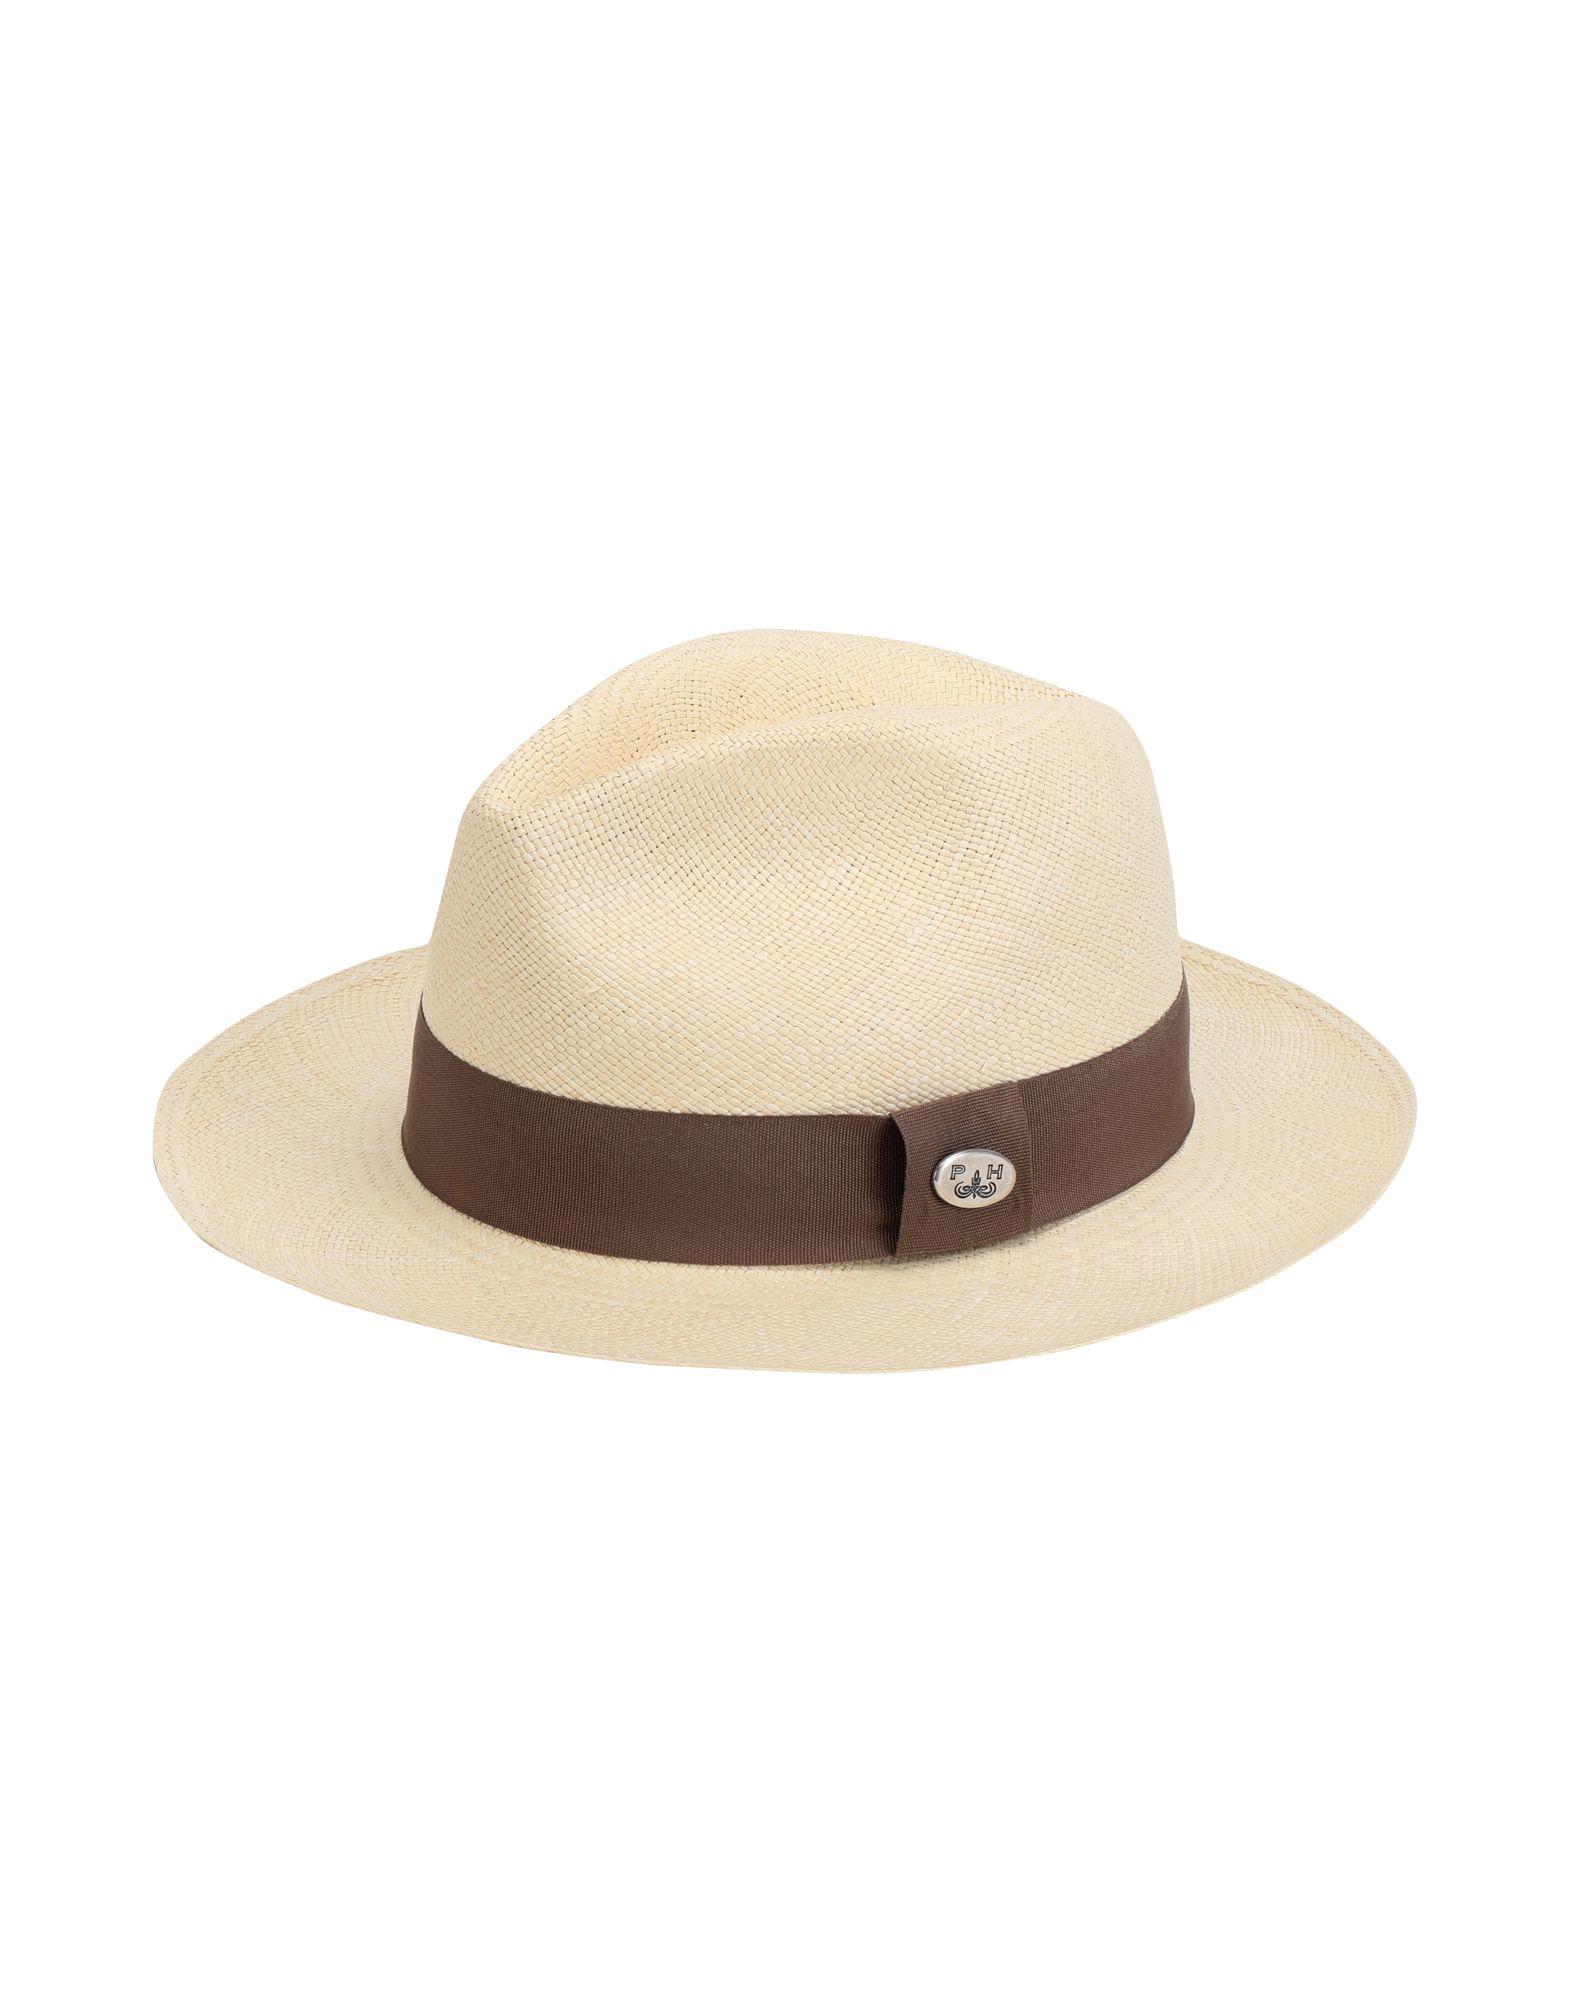 《期間限定セール開催中!》PANAMA HATTERS Unisex 帽子 ベージュ L ストロー 100% EMPORIO PANAMA CLASSIC NATURAL BANDA COLOR LIGHT MARRONE